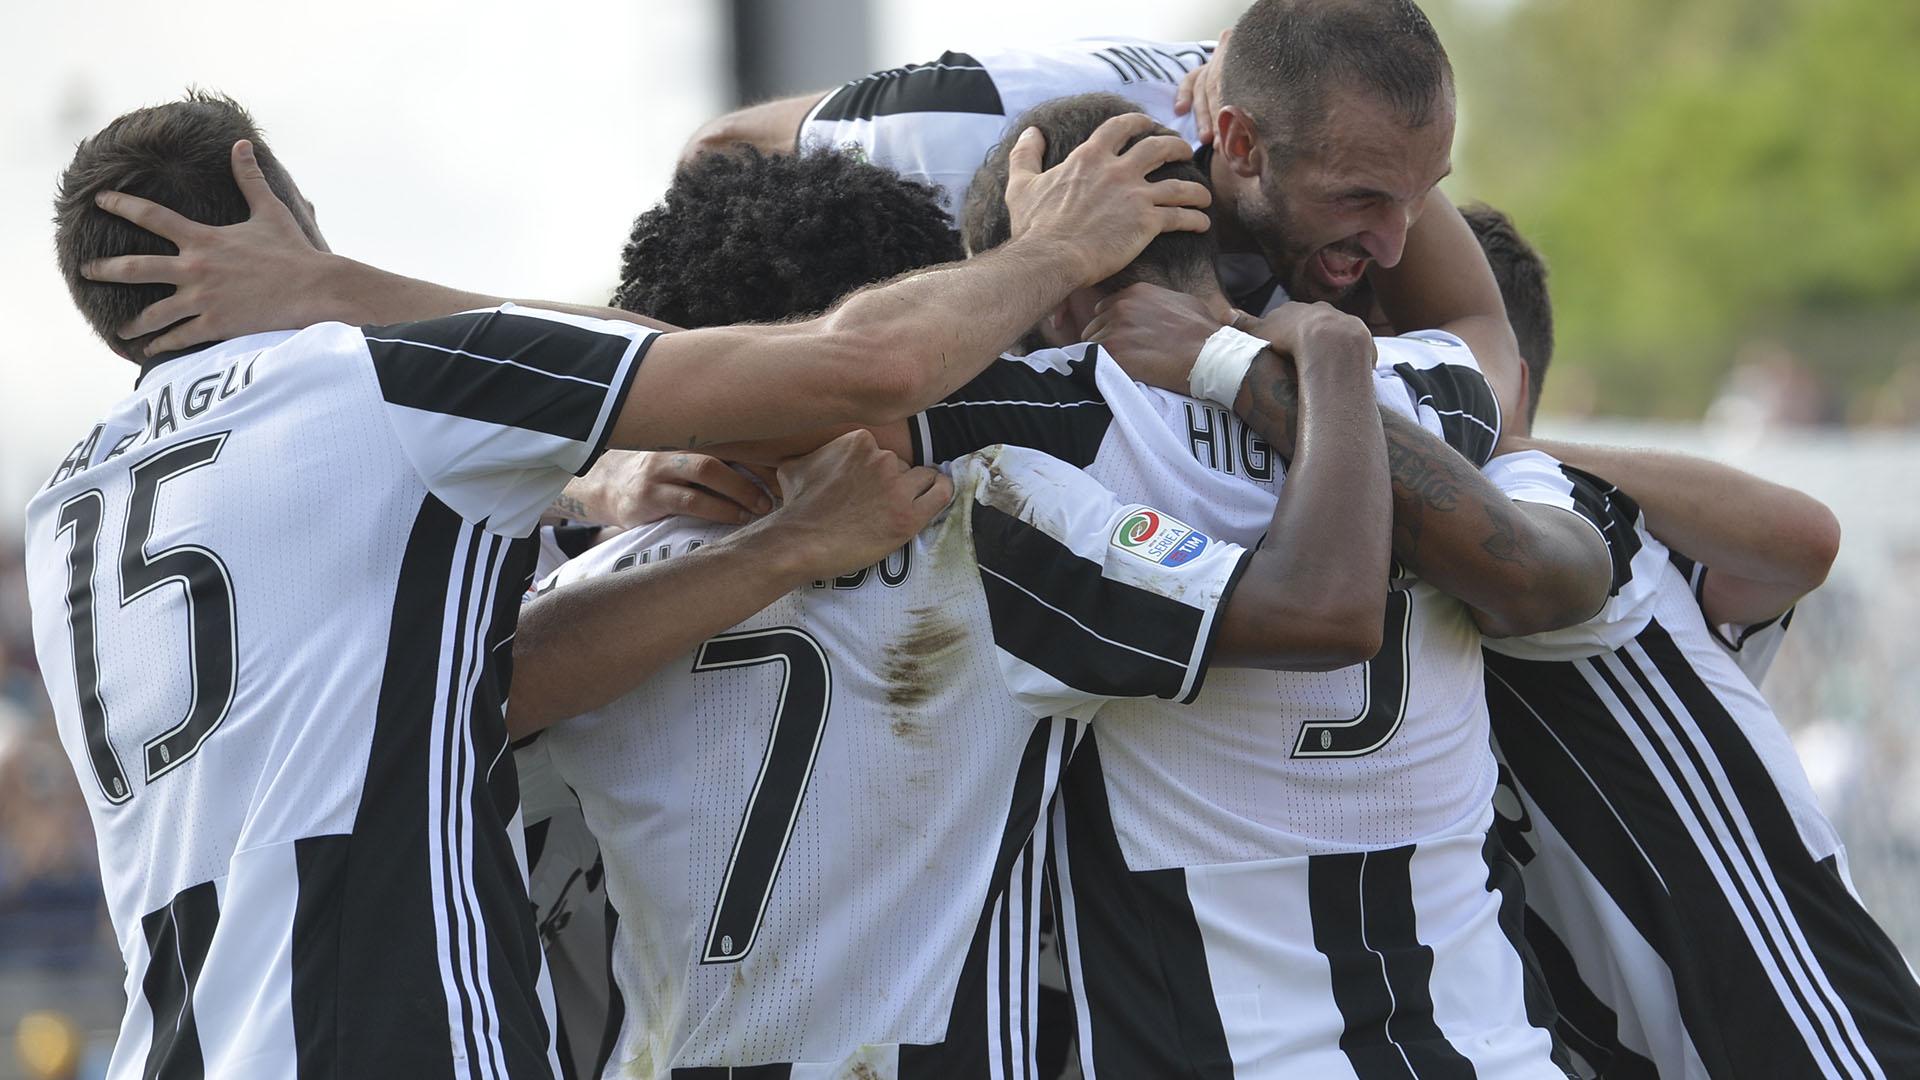 Higuain scores 2 as Juventus beats Empoli 3-0, Napoli loses